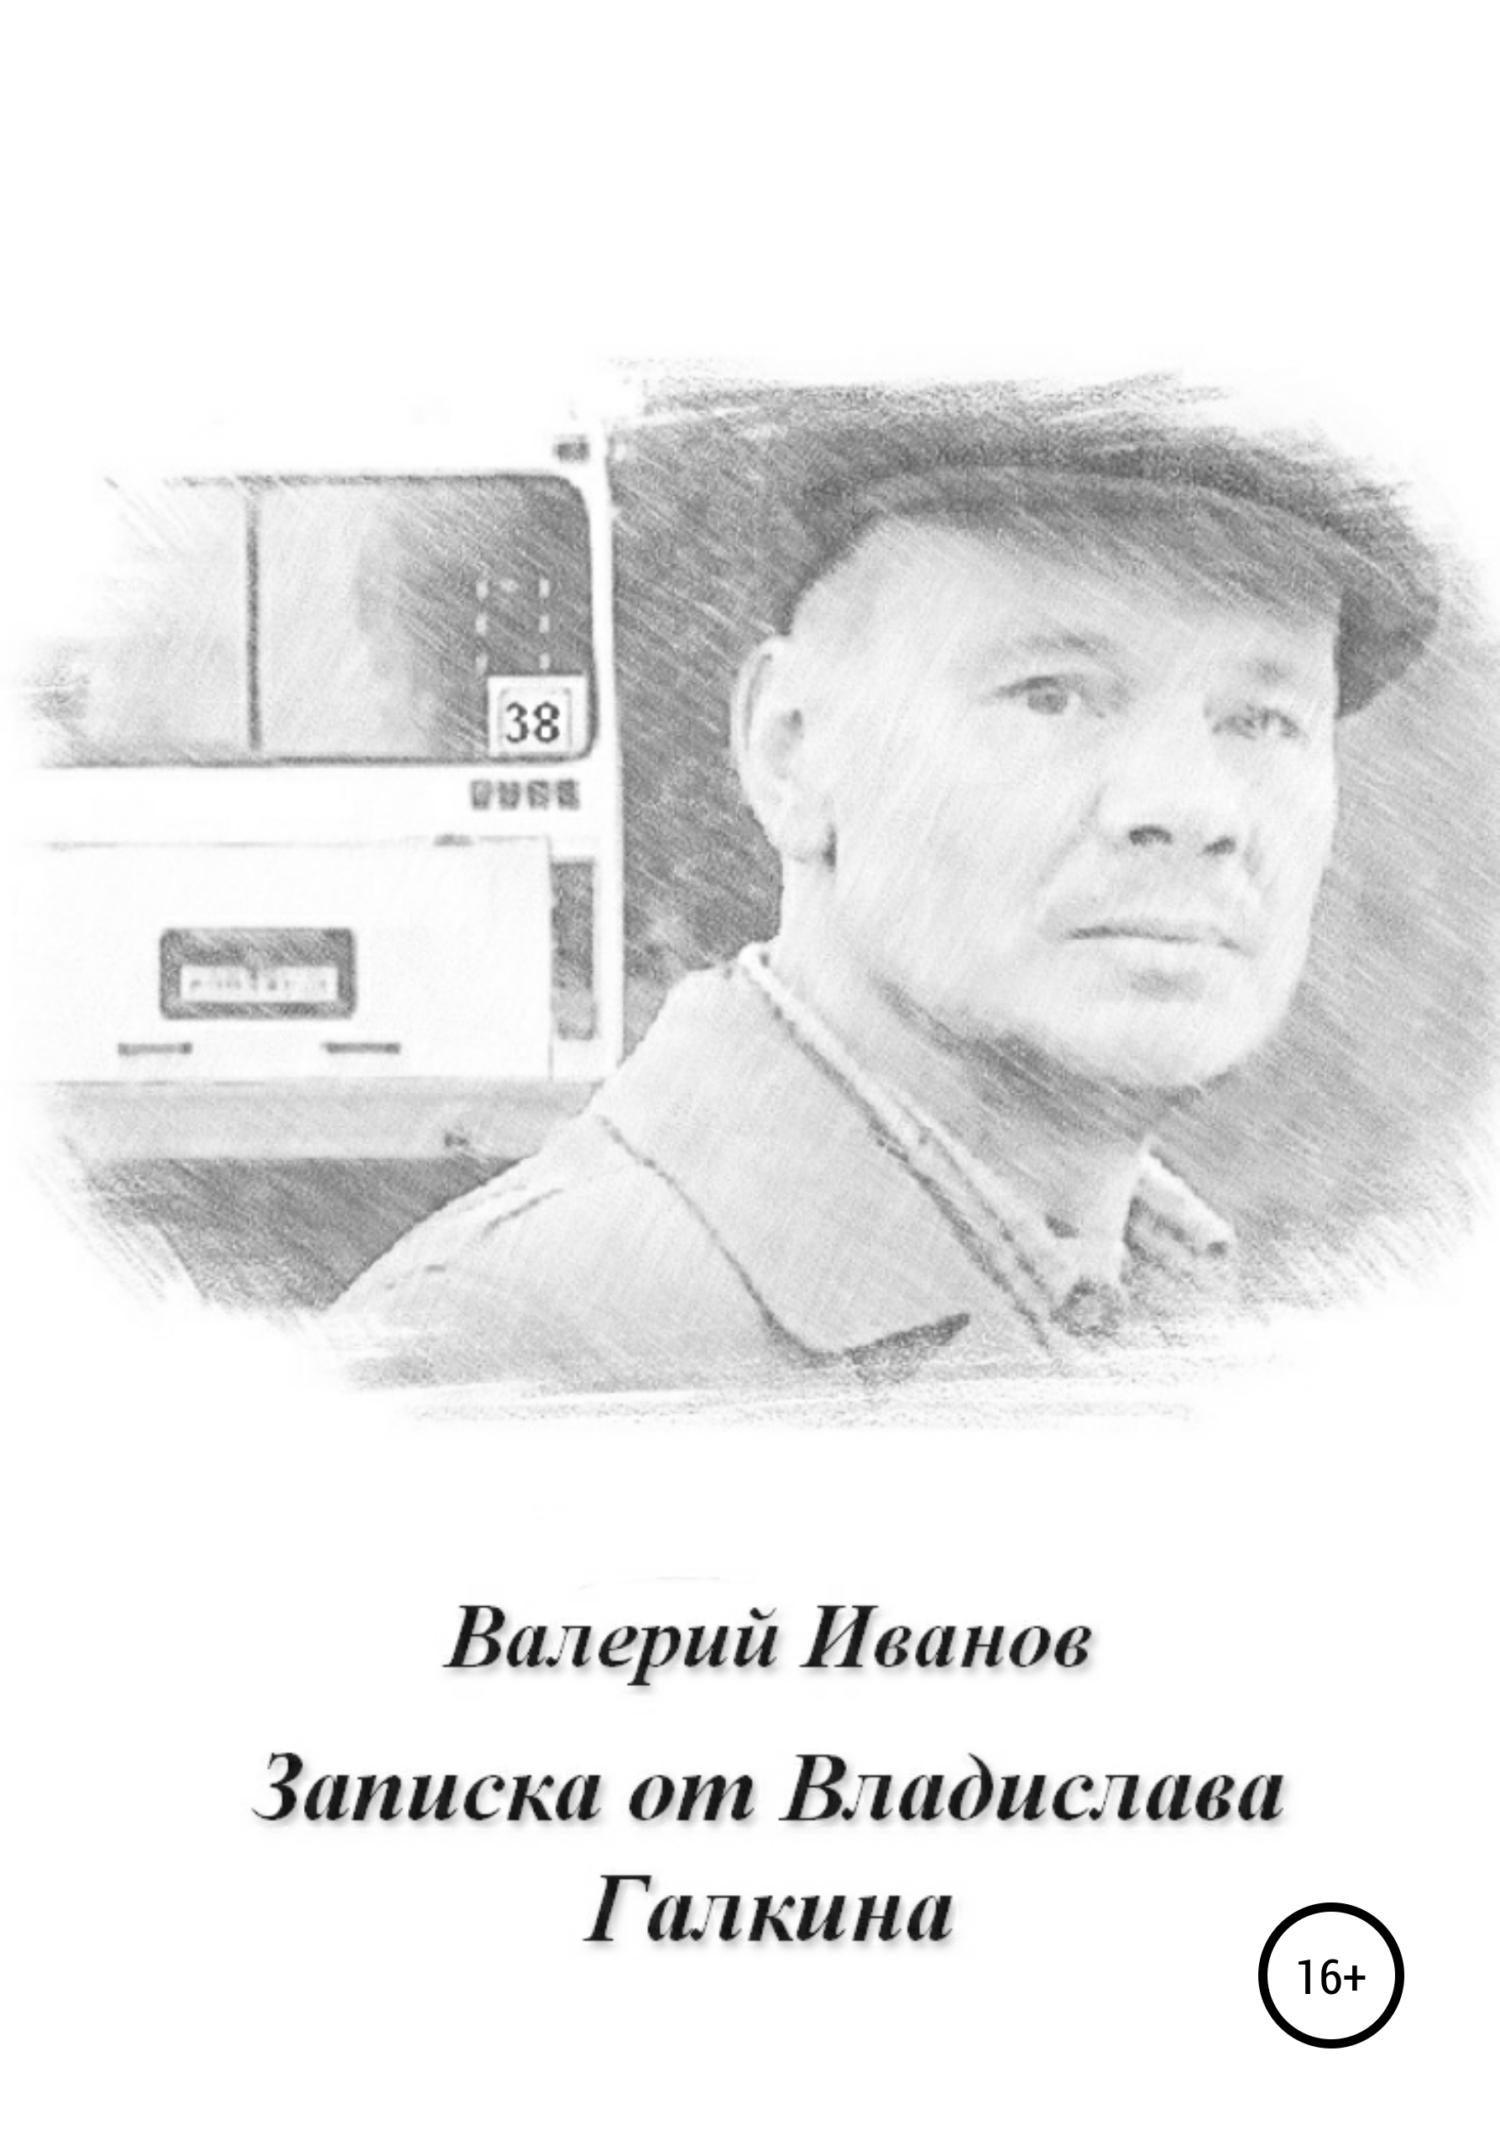 Валерий Иванов Личная трагедия Владислава Галкина иванов таганский валерий александрович воровская яма